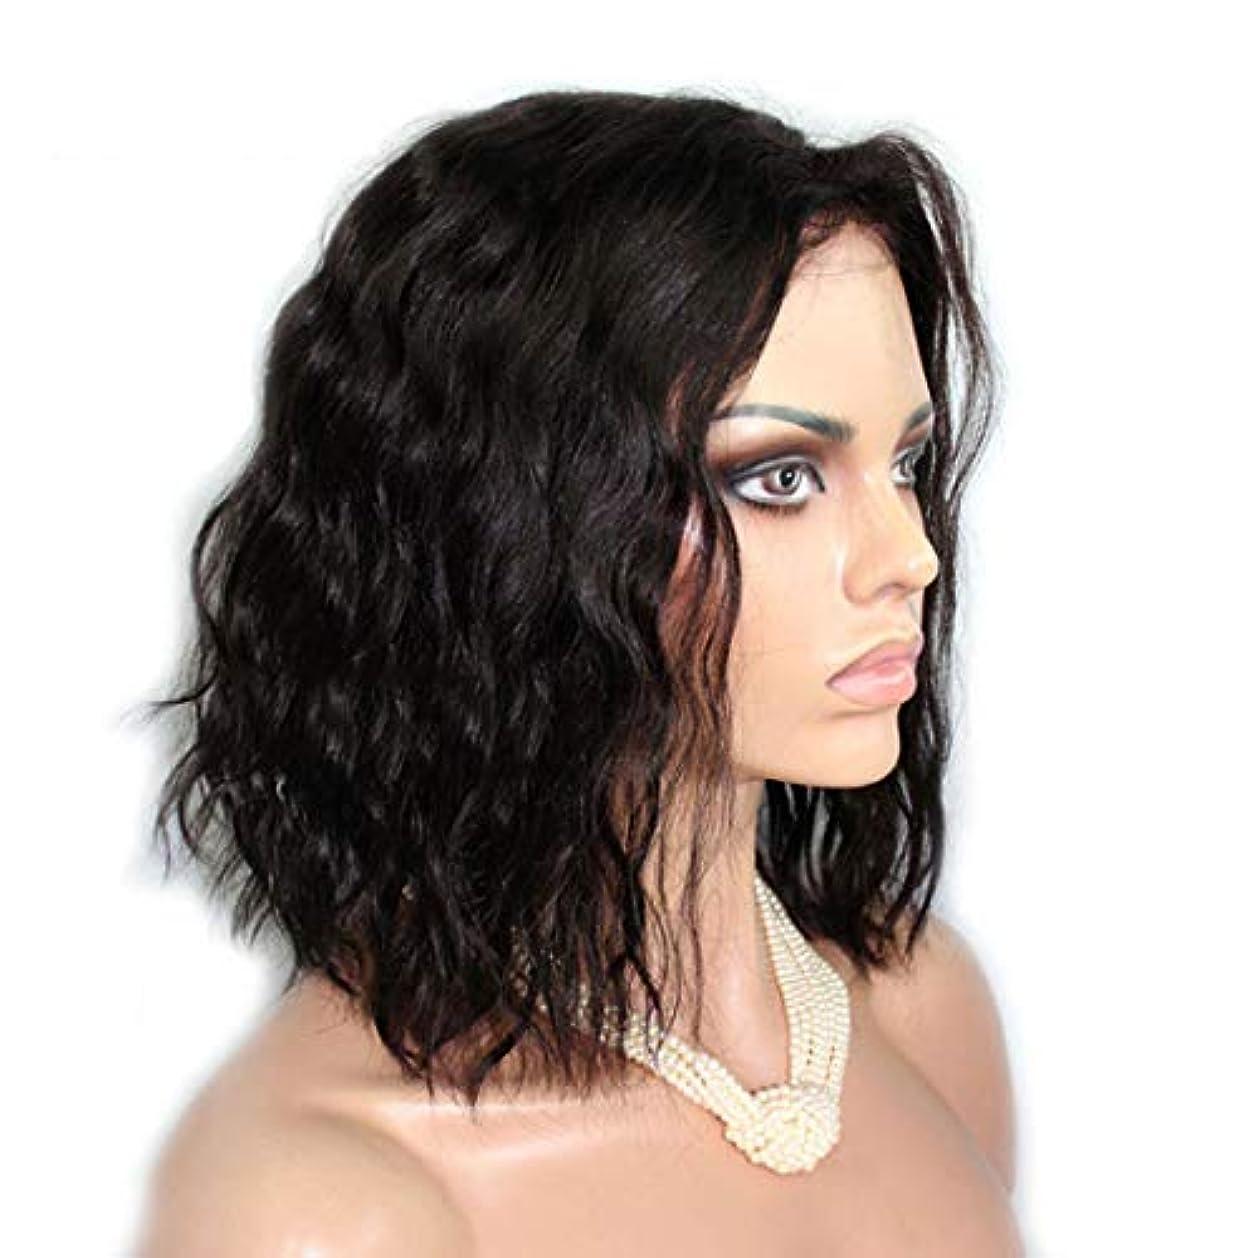 ラベンダー予定手つかずのYOUQIU ヨーロッパとアメリカの女性のフロントレースの化学繊維の短い巻き毛のかつらメーカーは卸売ウィッグを見つけかつらイーベイ新製品爆発 (色 : 写真の通り)